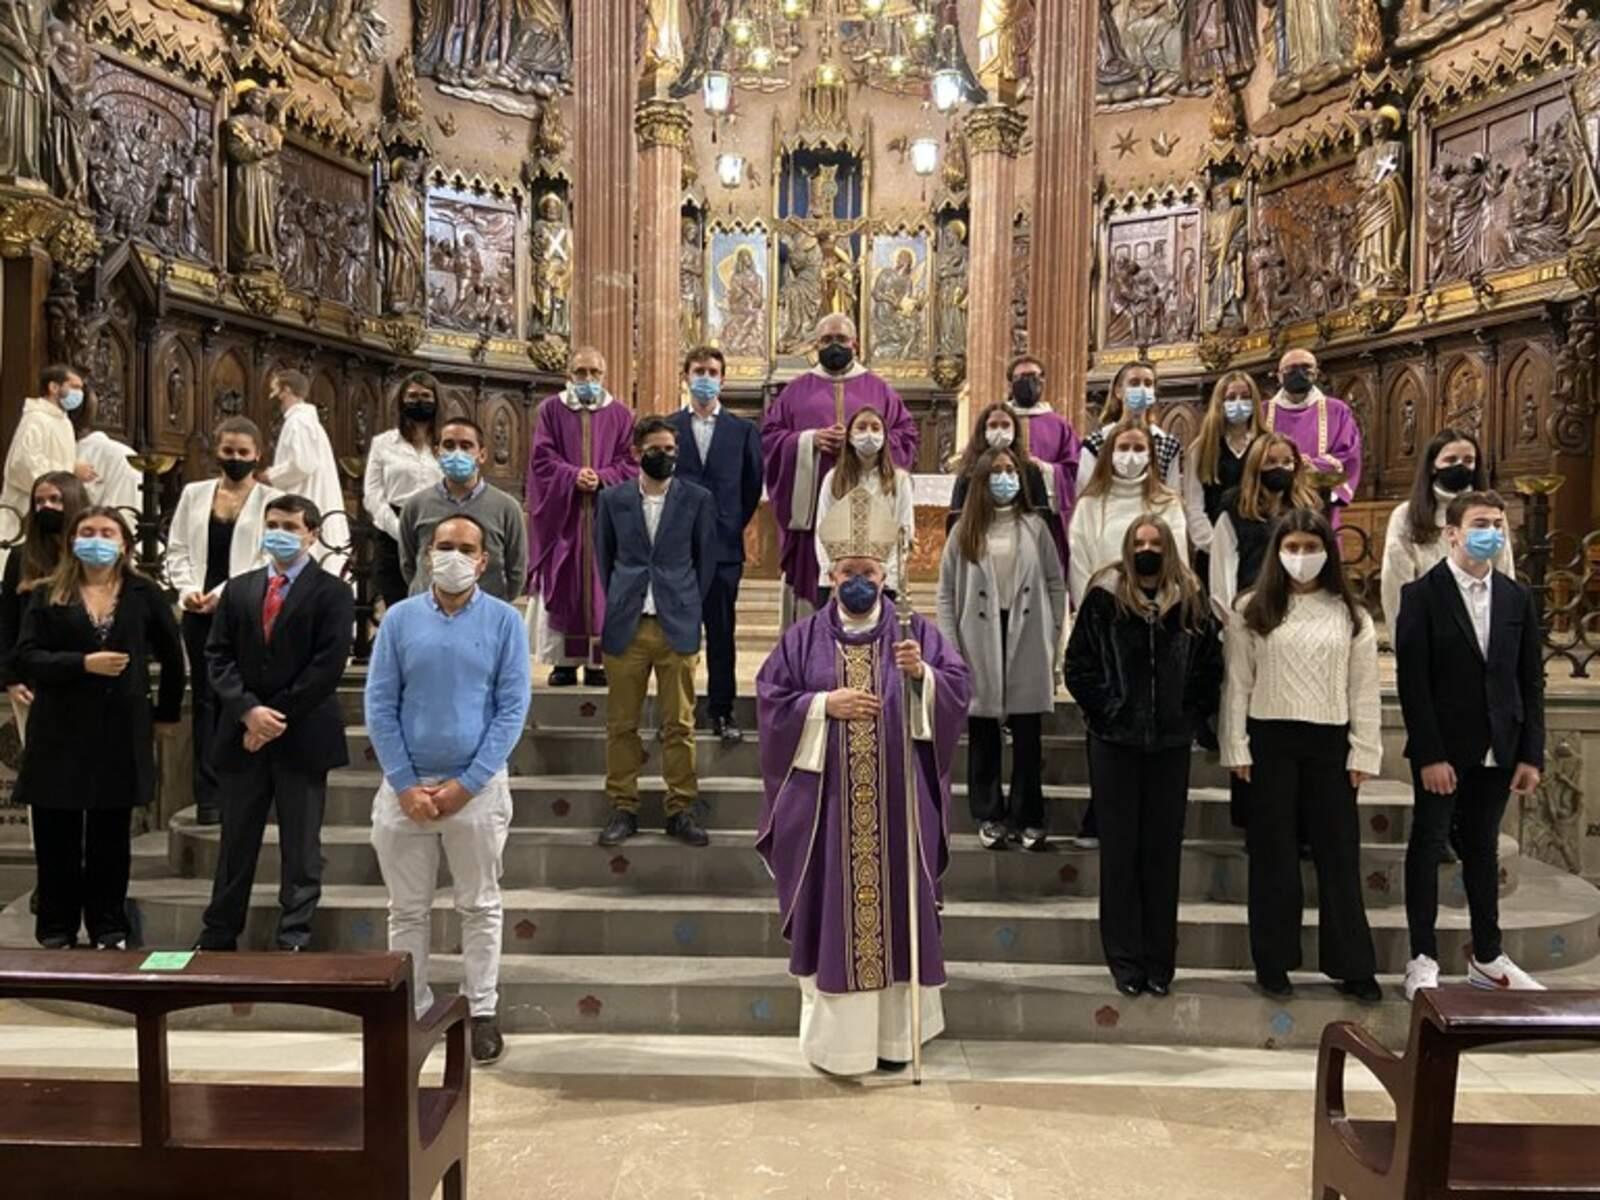 Confirmacions a la catedral del Sant Esperit